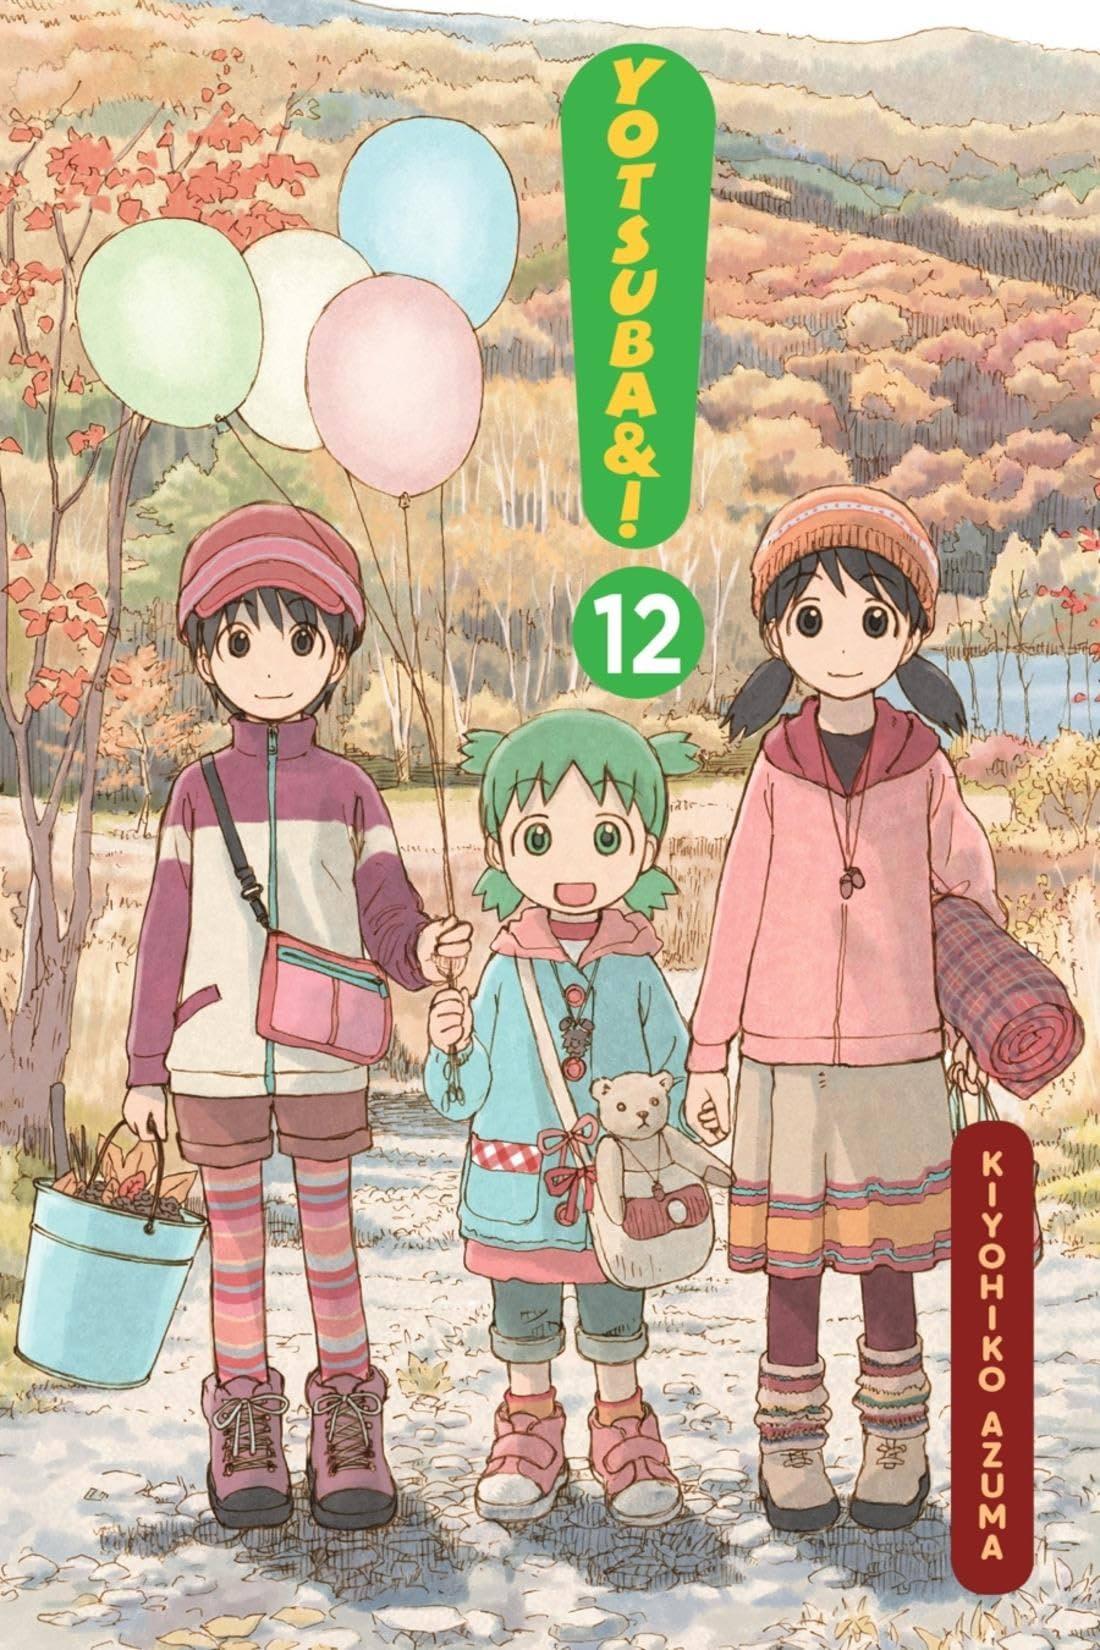 Yotsuba&! Vol. 12